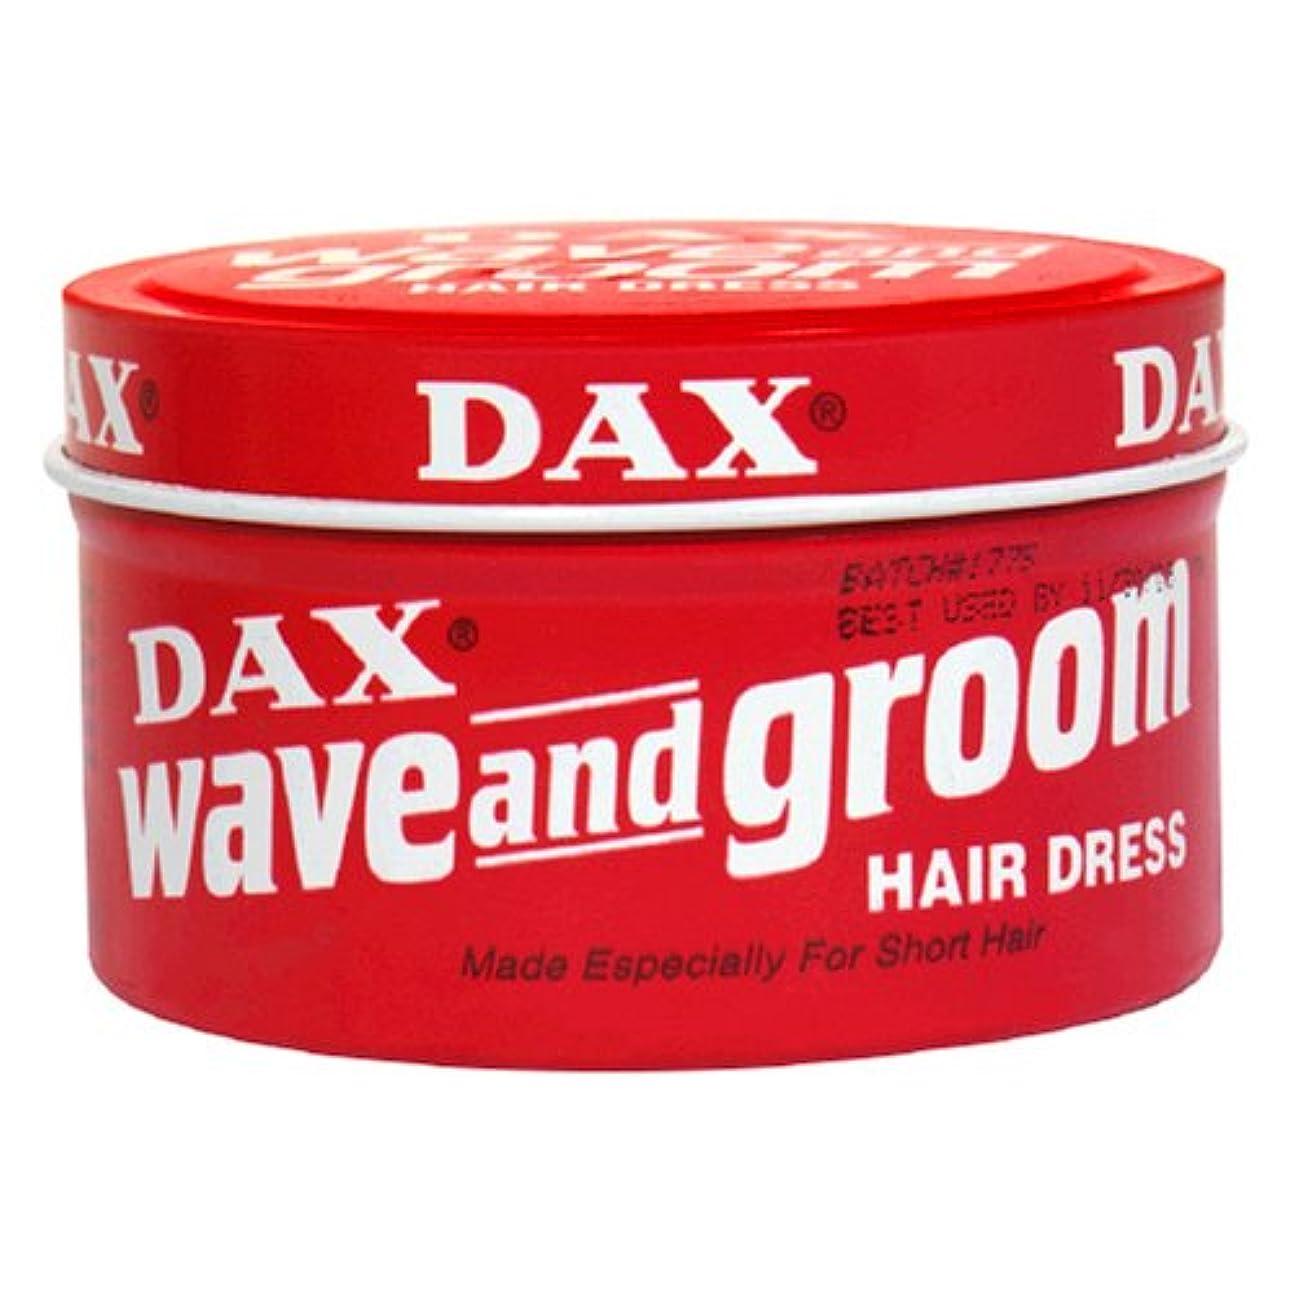 種をまく人気命令Dax Wave & Groom Hair Dress 99 gm Jar (Case of 6) (並行輸入品)